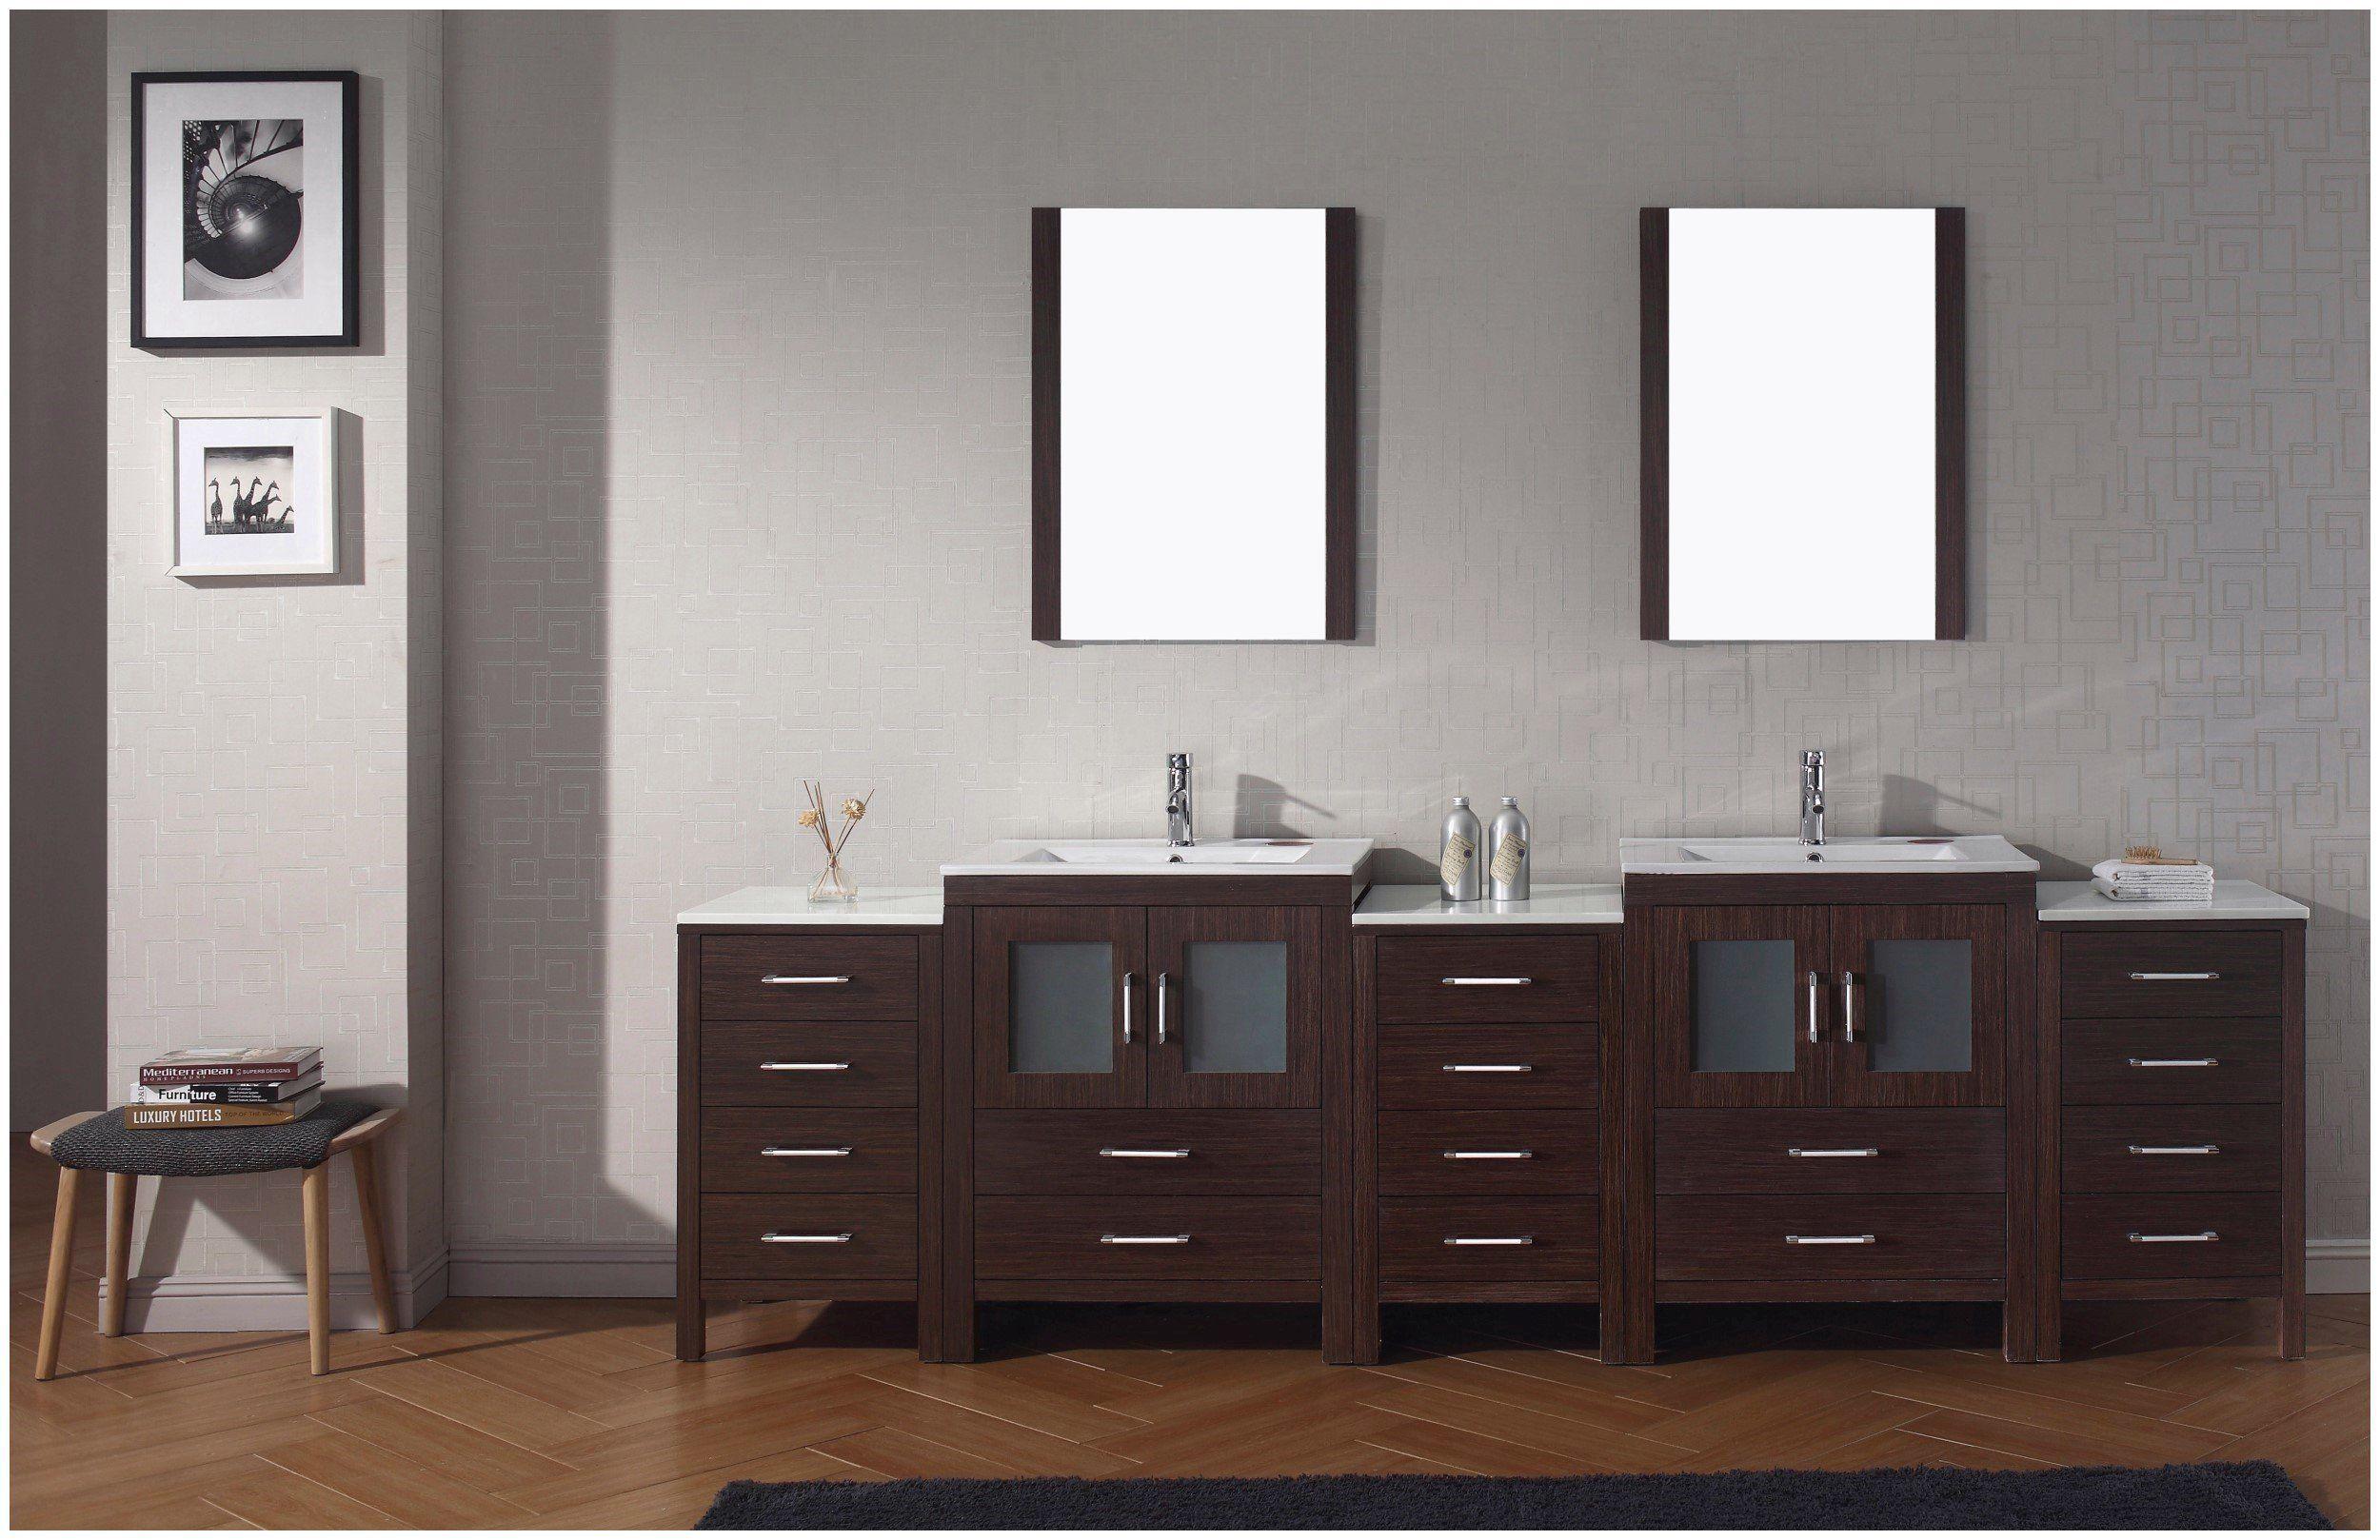 Discount Bathroom Vanity Lowes Clearance Bathroom Vanities Of